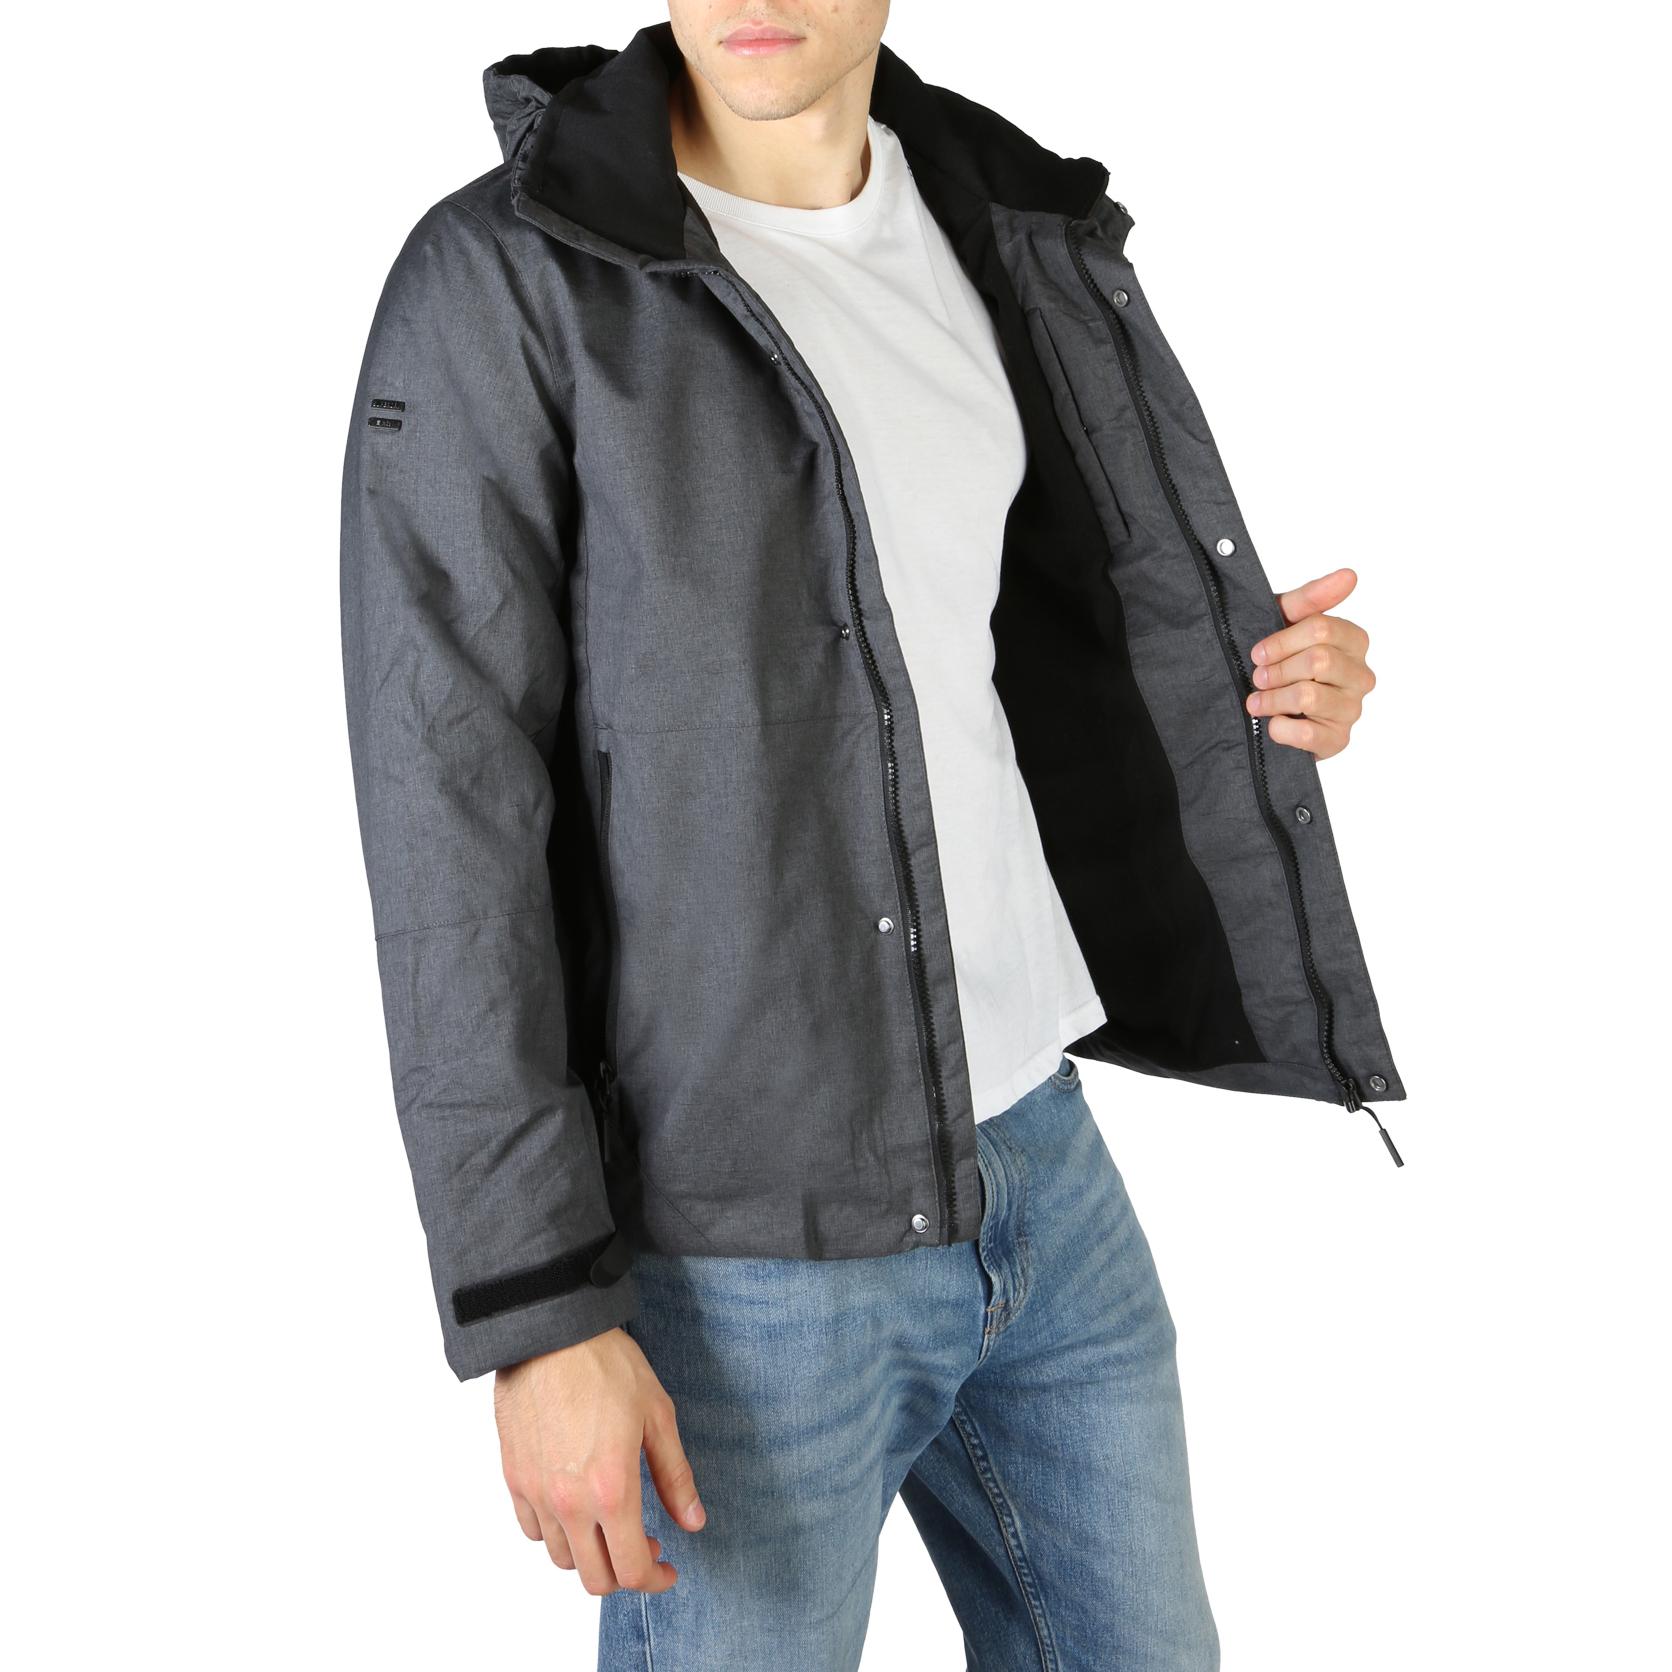 Vestes  Superdry M5010174A grey